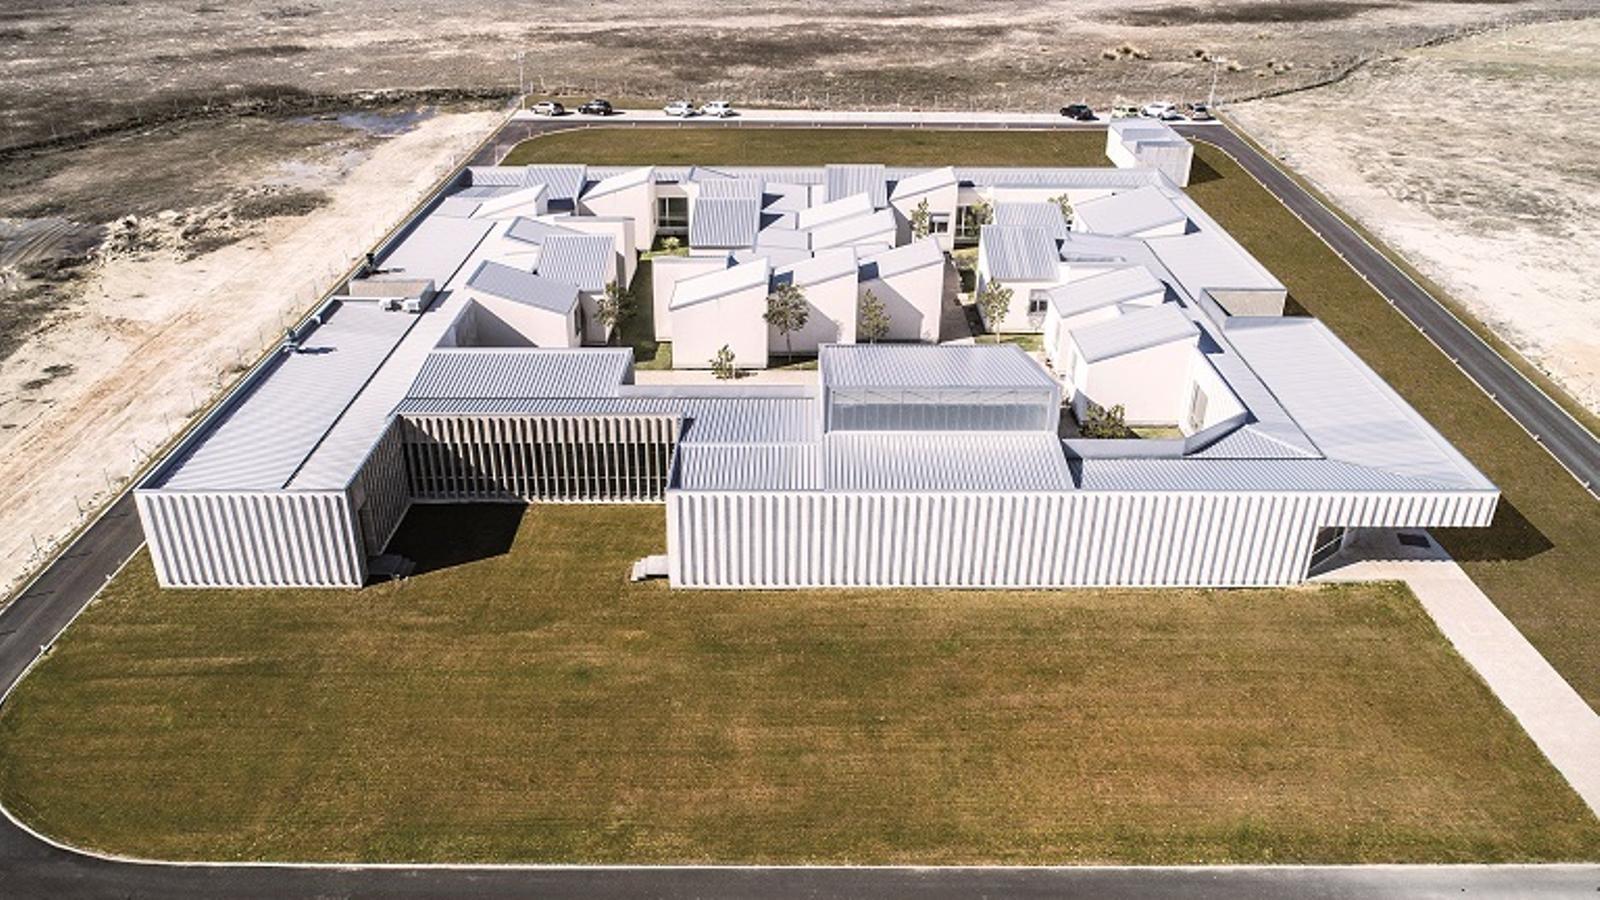 Residència a Aldeamayor de San martín (Valladolid), premiada en la XIV BIEAU, finalista dels premis FAD 2018 i seleccionada per a la pròxima Biennal de Venècia d'arquitectura